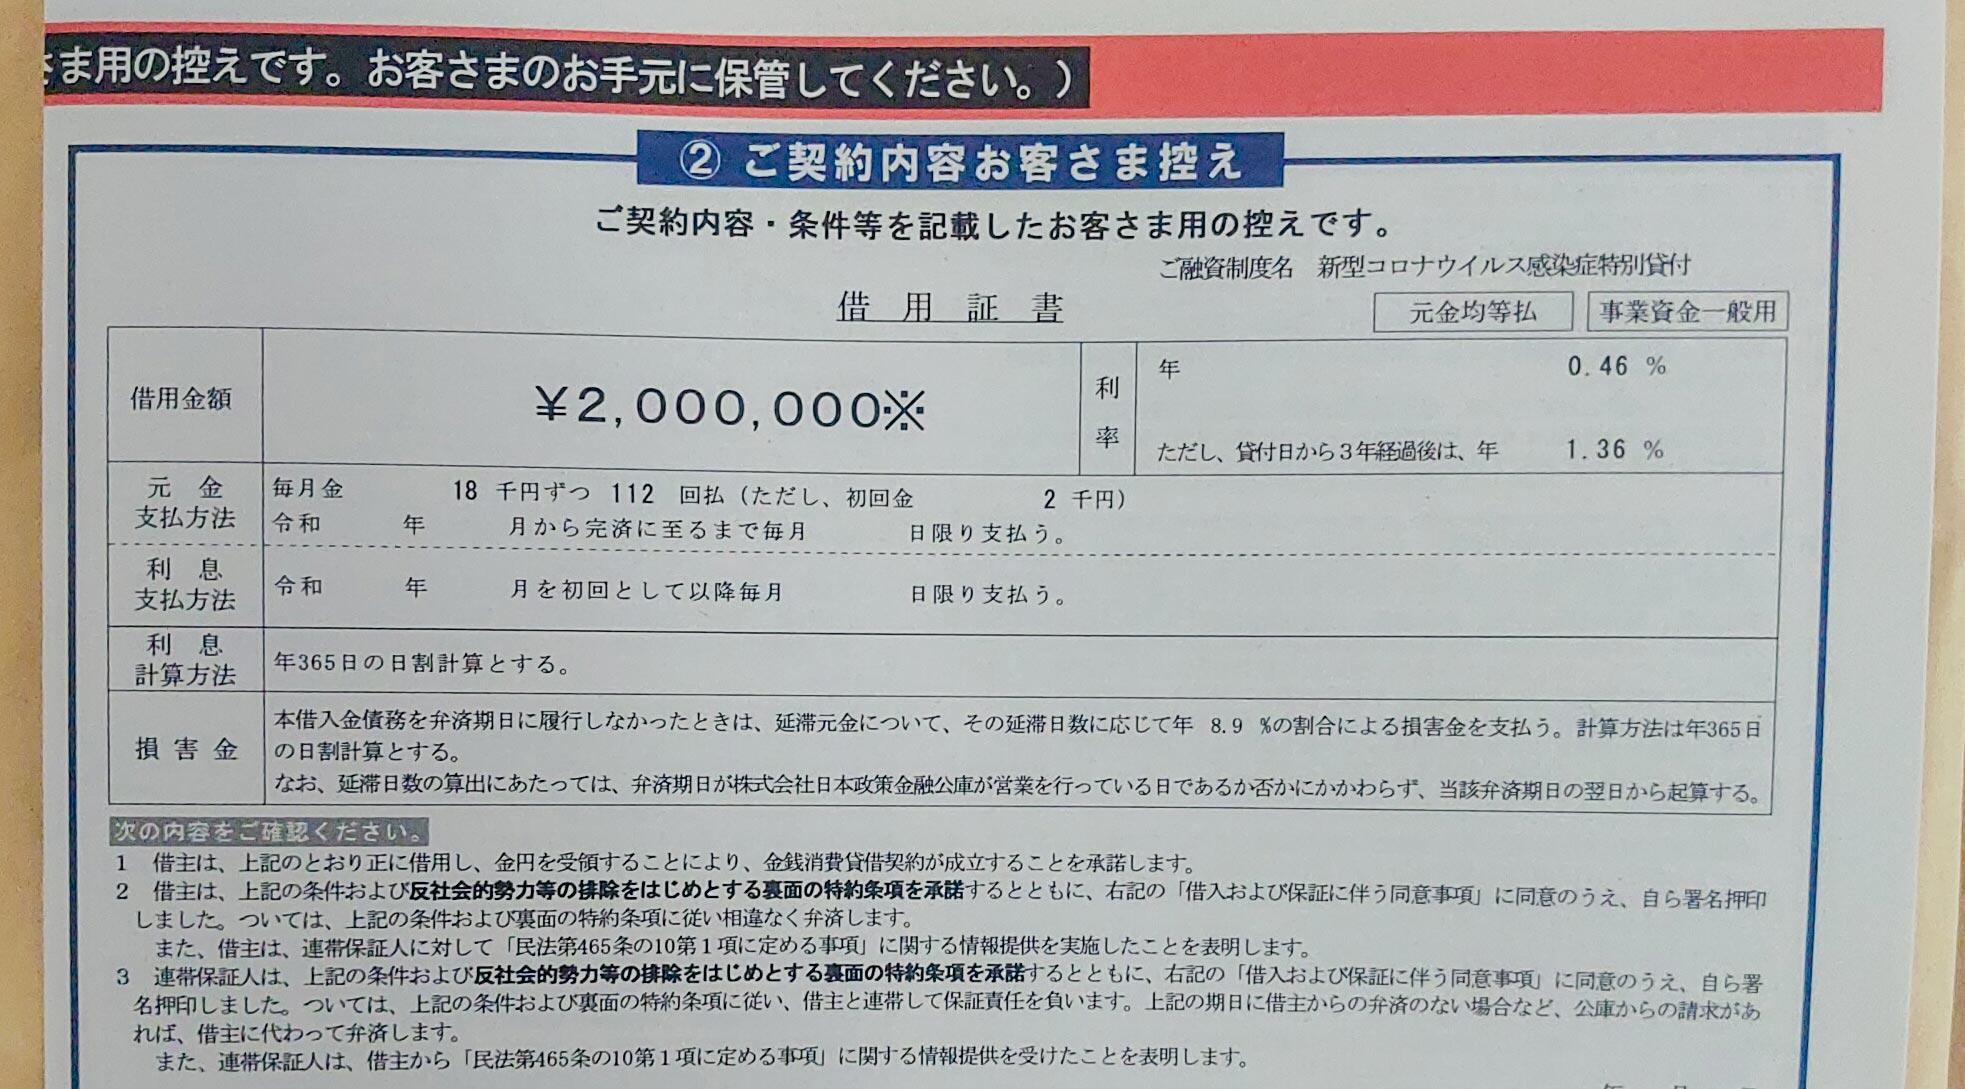 200万円の融資を受ける事が出来たのであった(新型コロナウイルス感染症特別貸付 日本政策金融公庫)